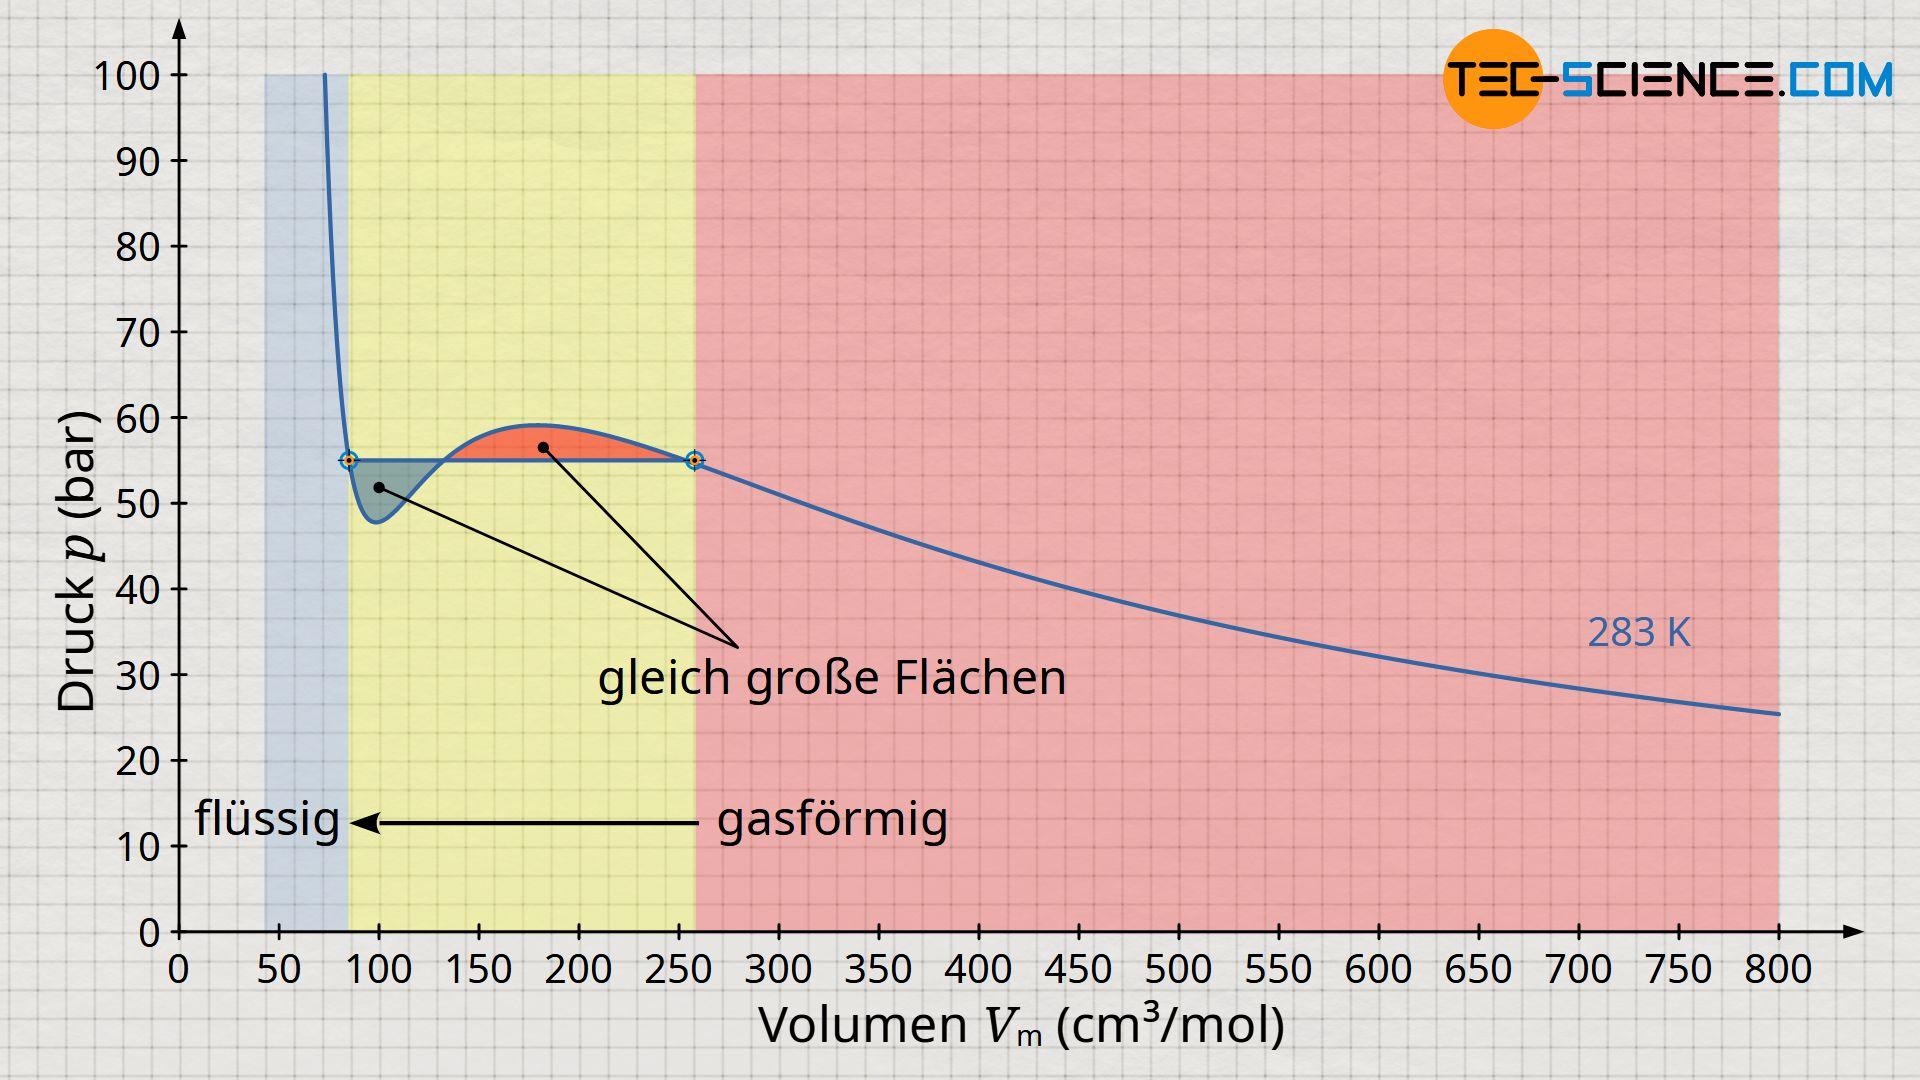 Maxwell-Konstruktion zur Beschreibung der Verflüssigung von realen Gasen